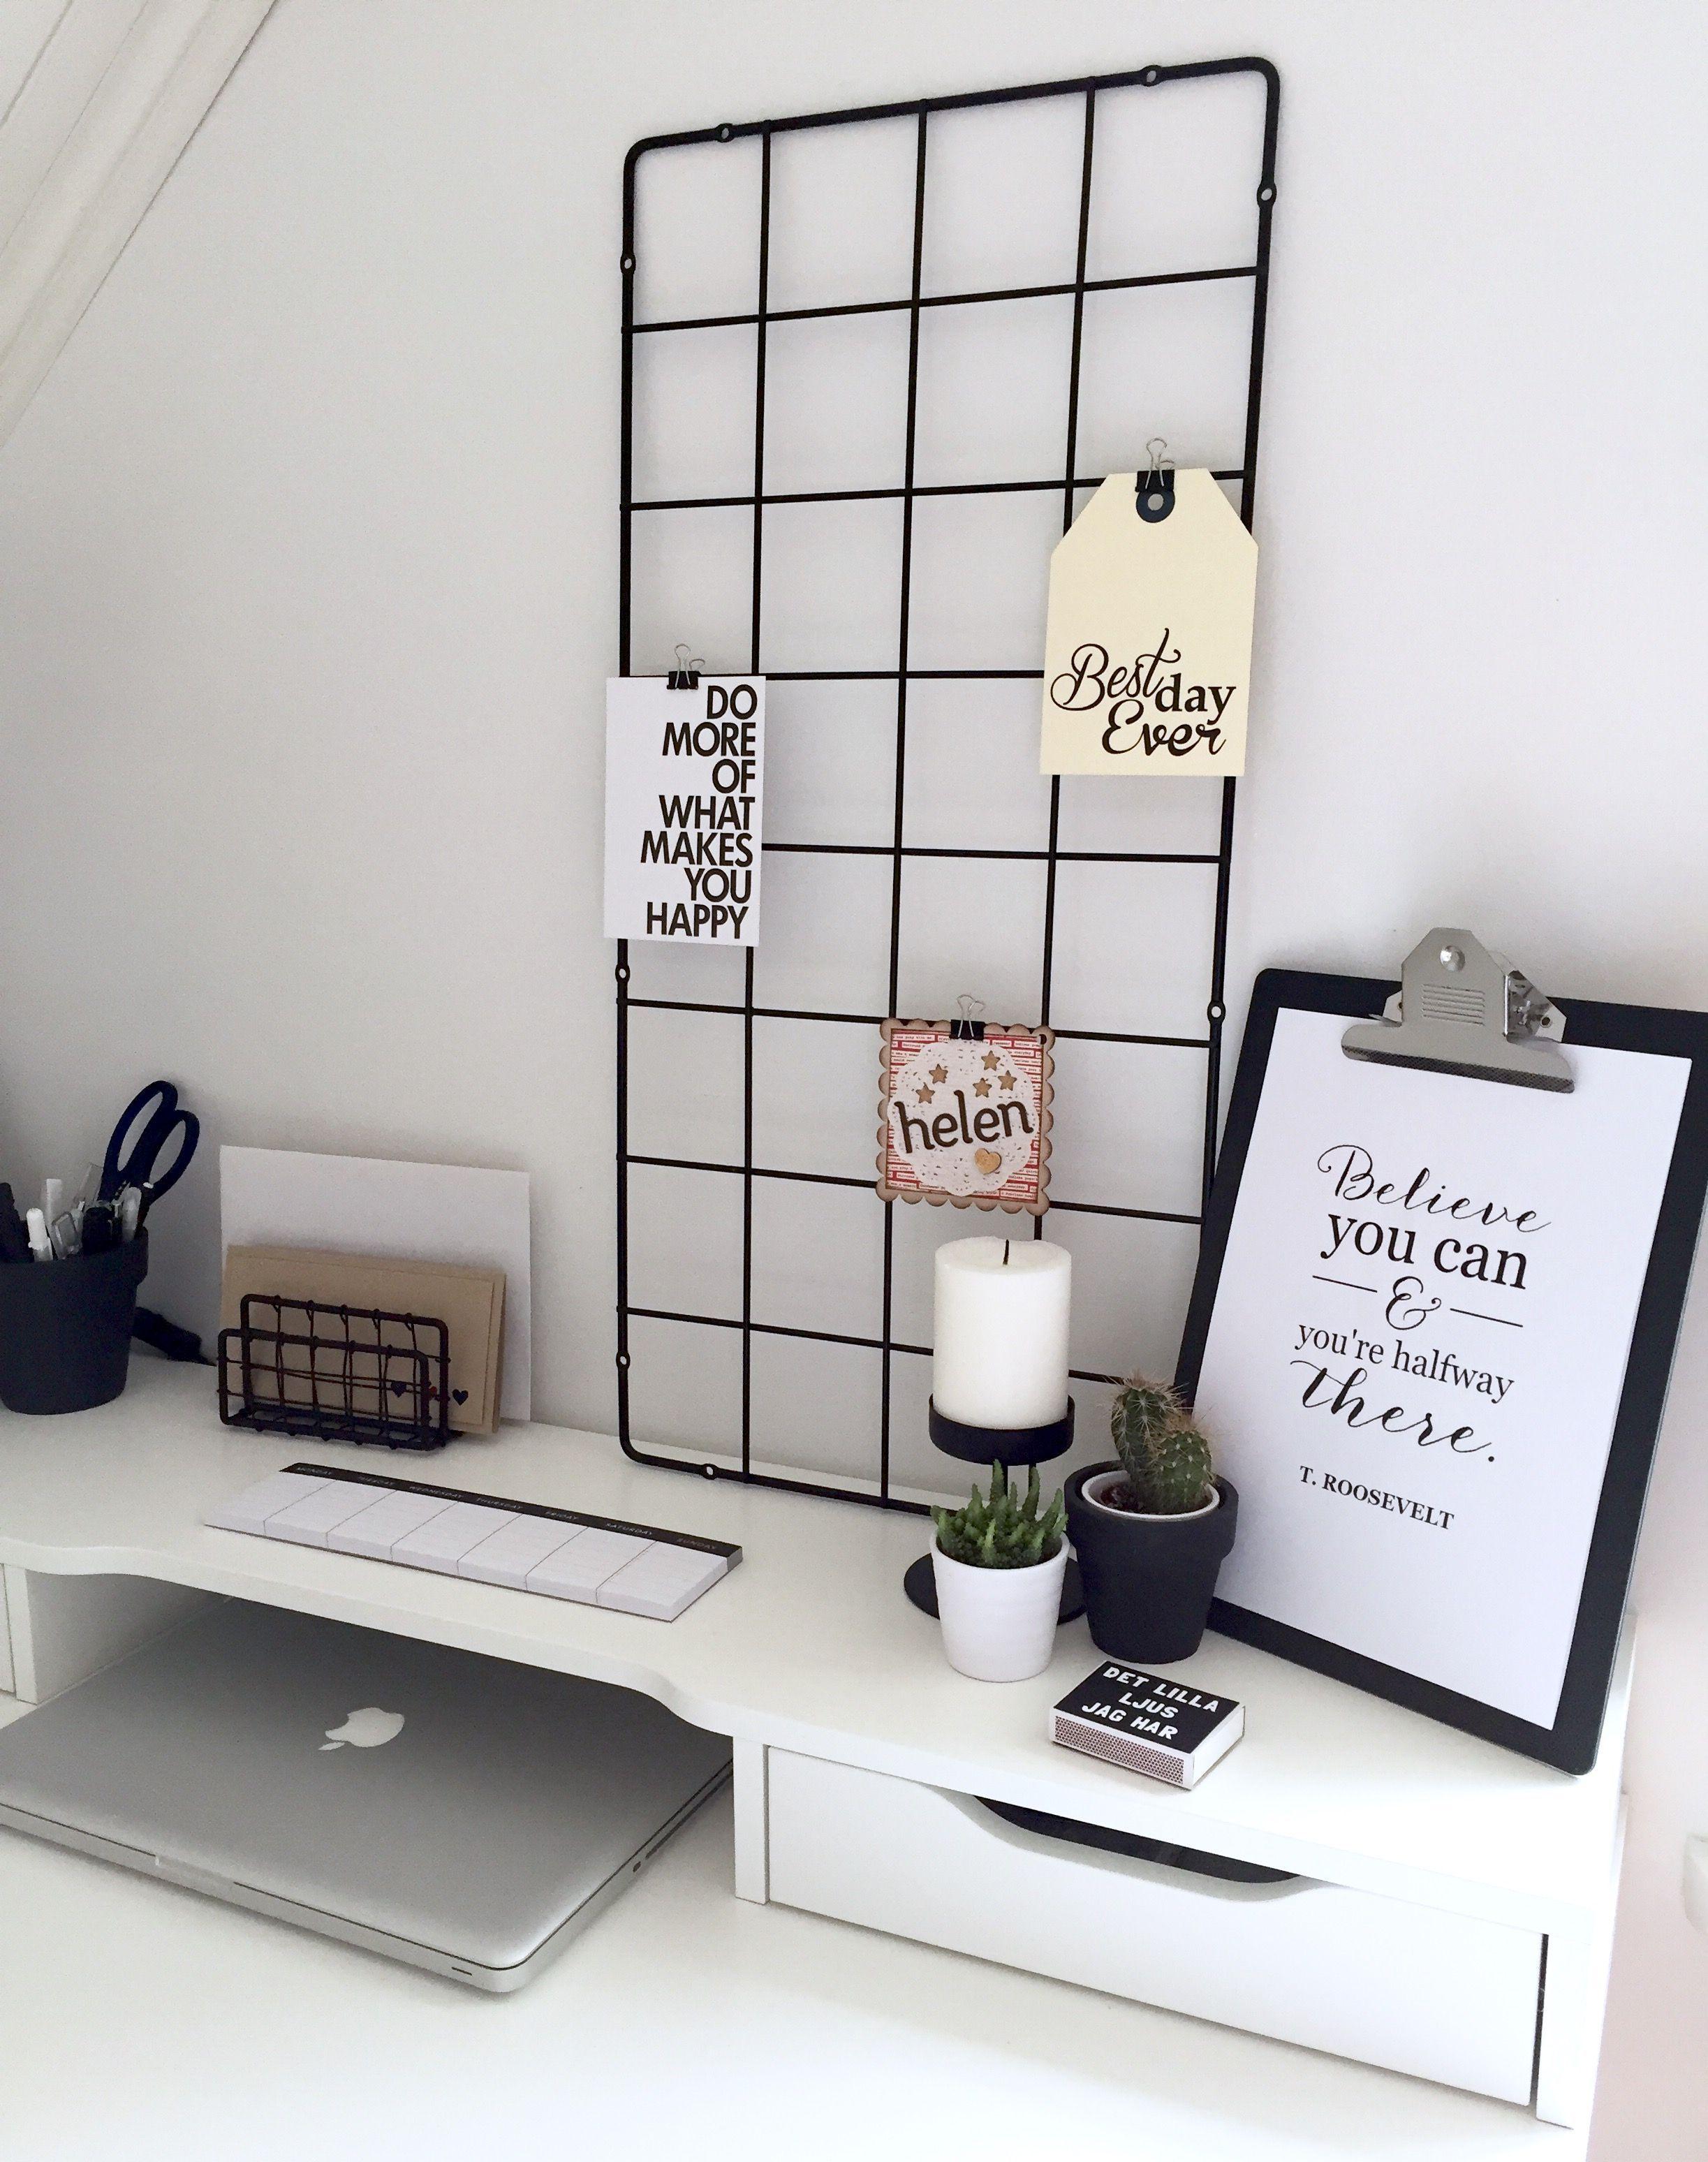 sit skarsta catalog ikea desk us en at desks products stand